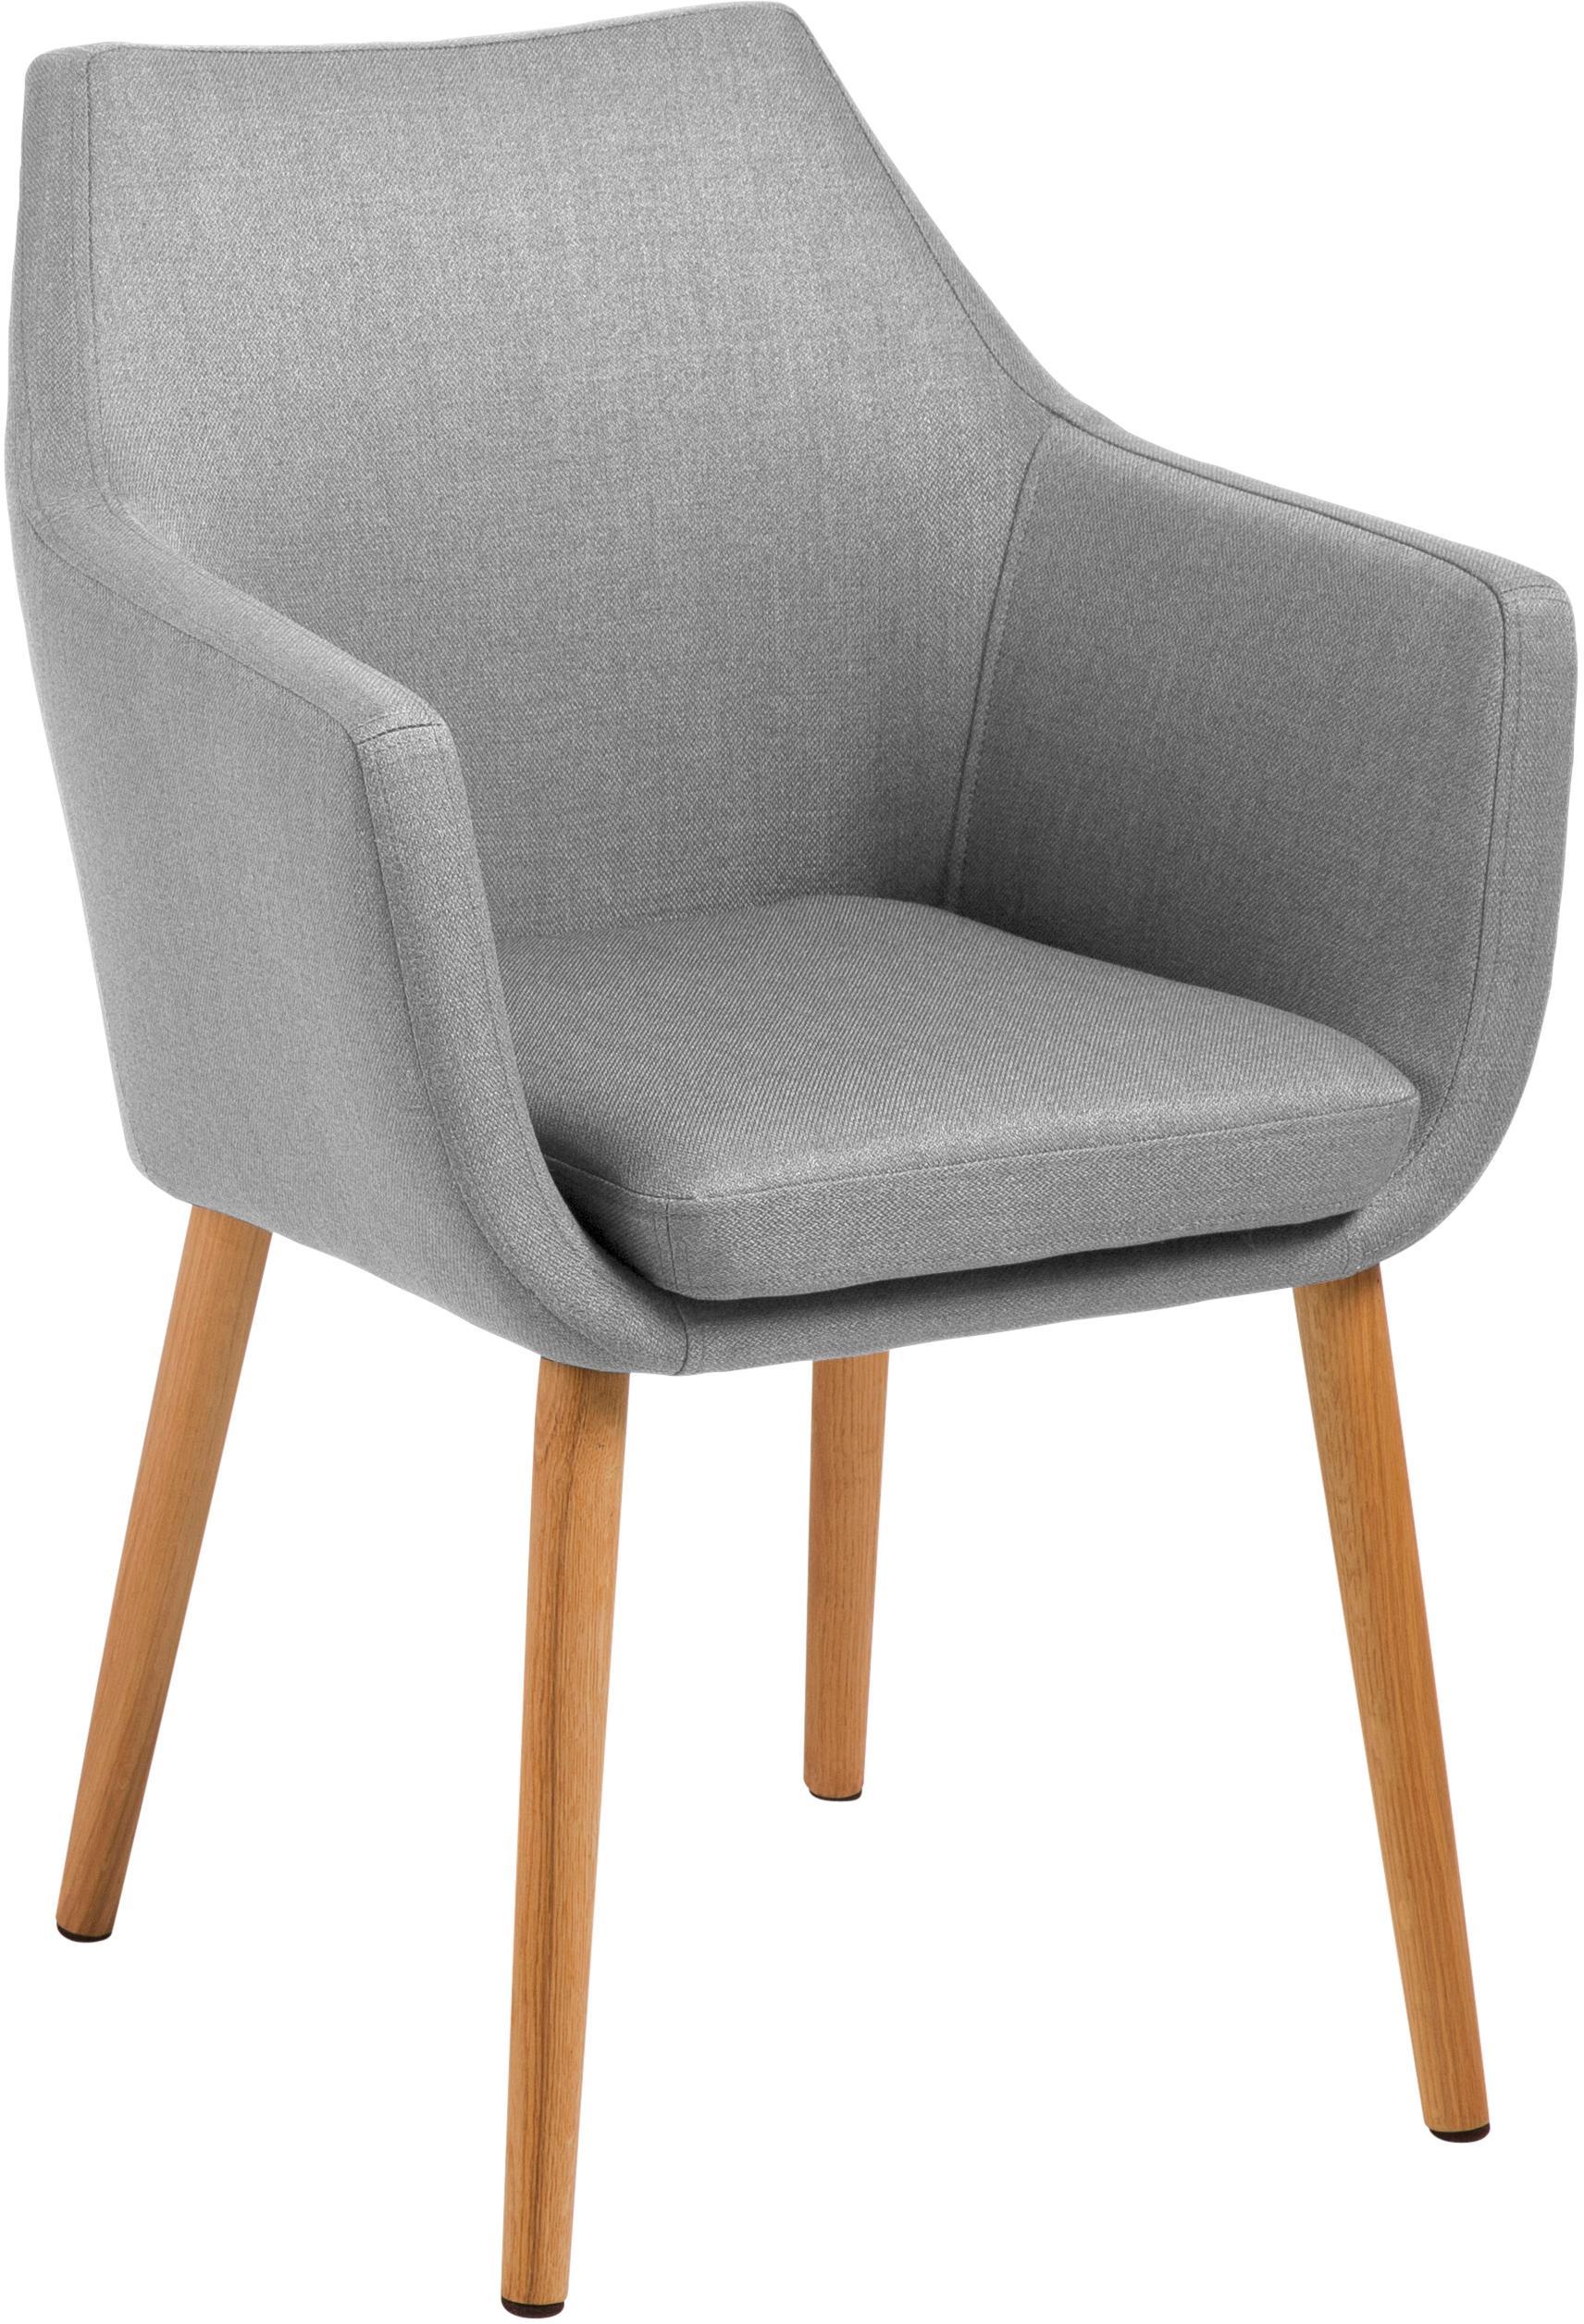 Sedia con braccioli  Nora, Rivestimento: 100% poliestere, Gambe: legno di quercia, Rivestimento: grigio chiaro Struttura: legno di quercia, Larg. 58 x Alt. 84 cm